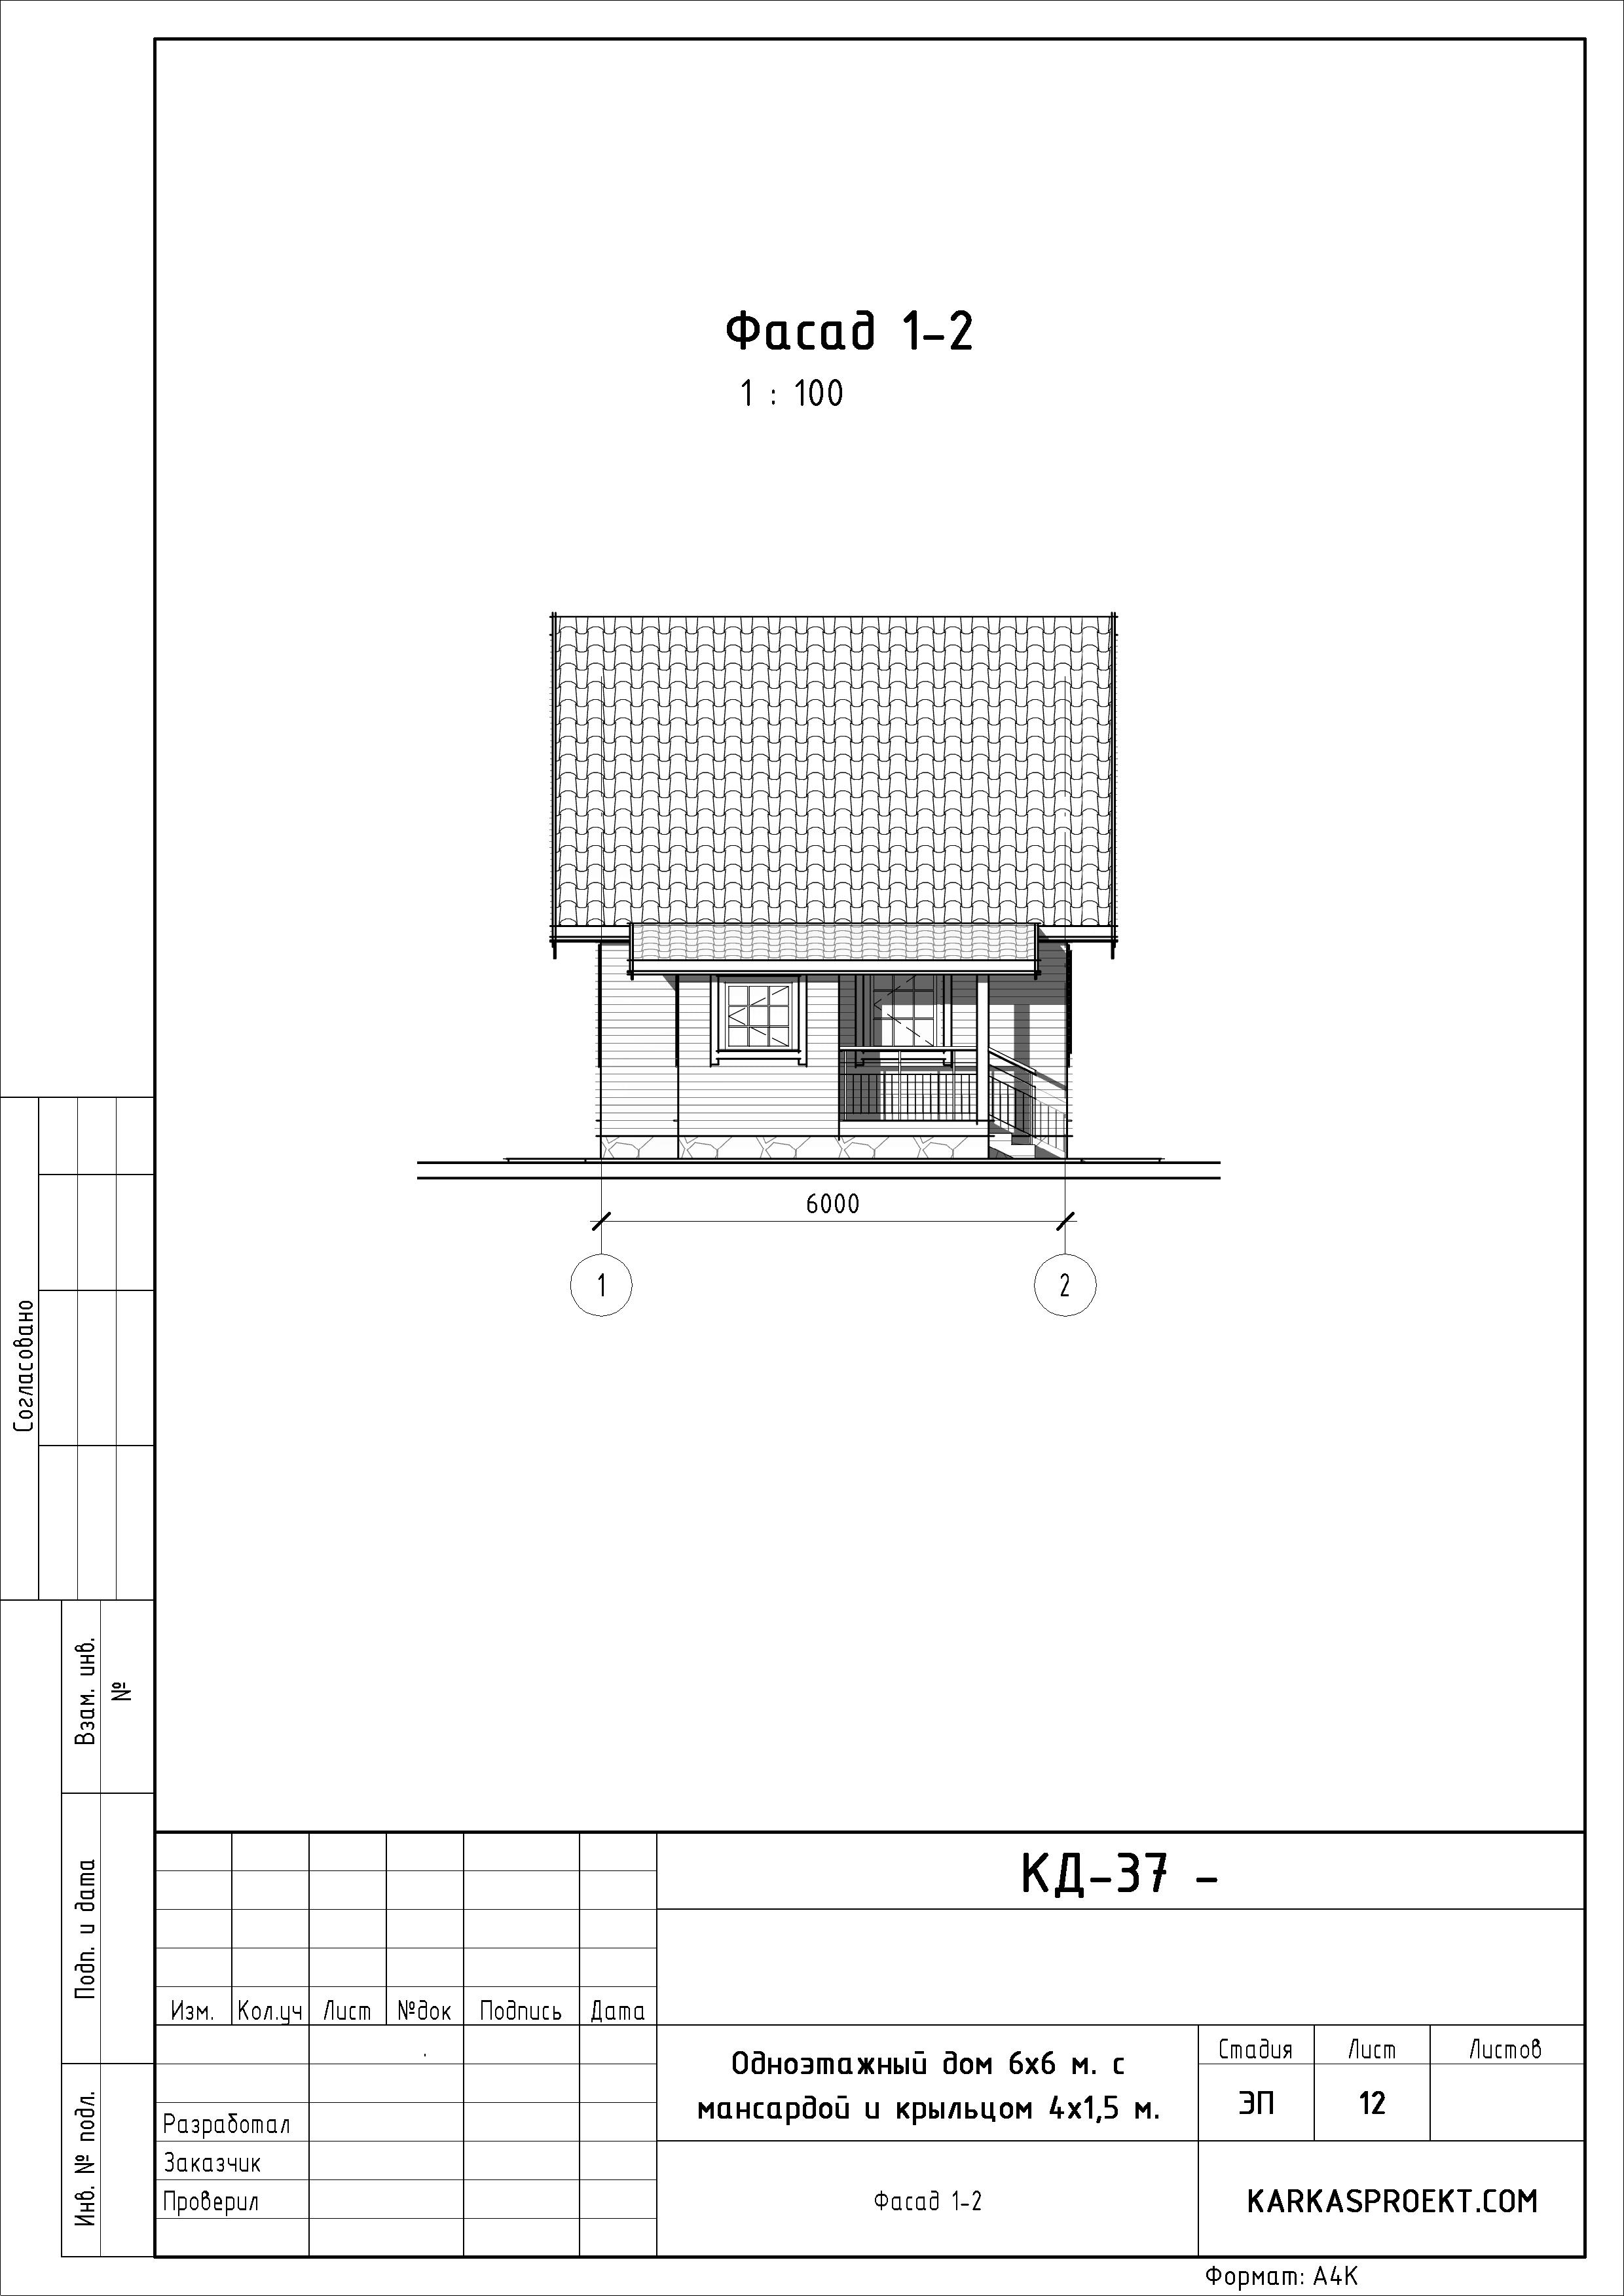 Фасад 1-2